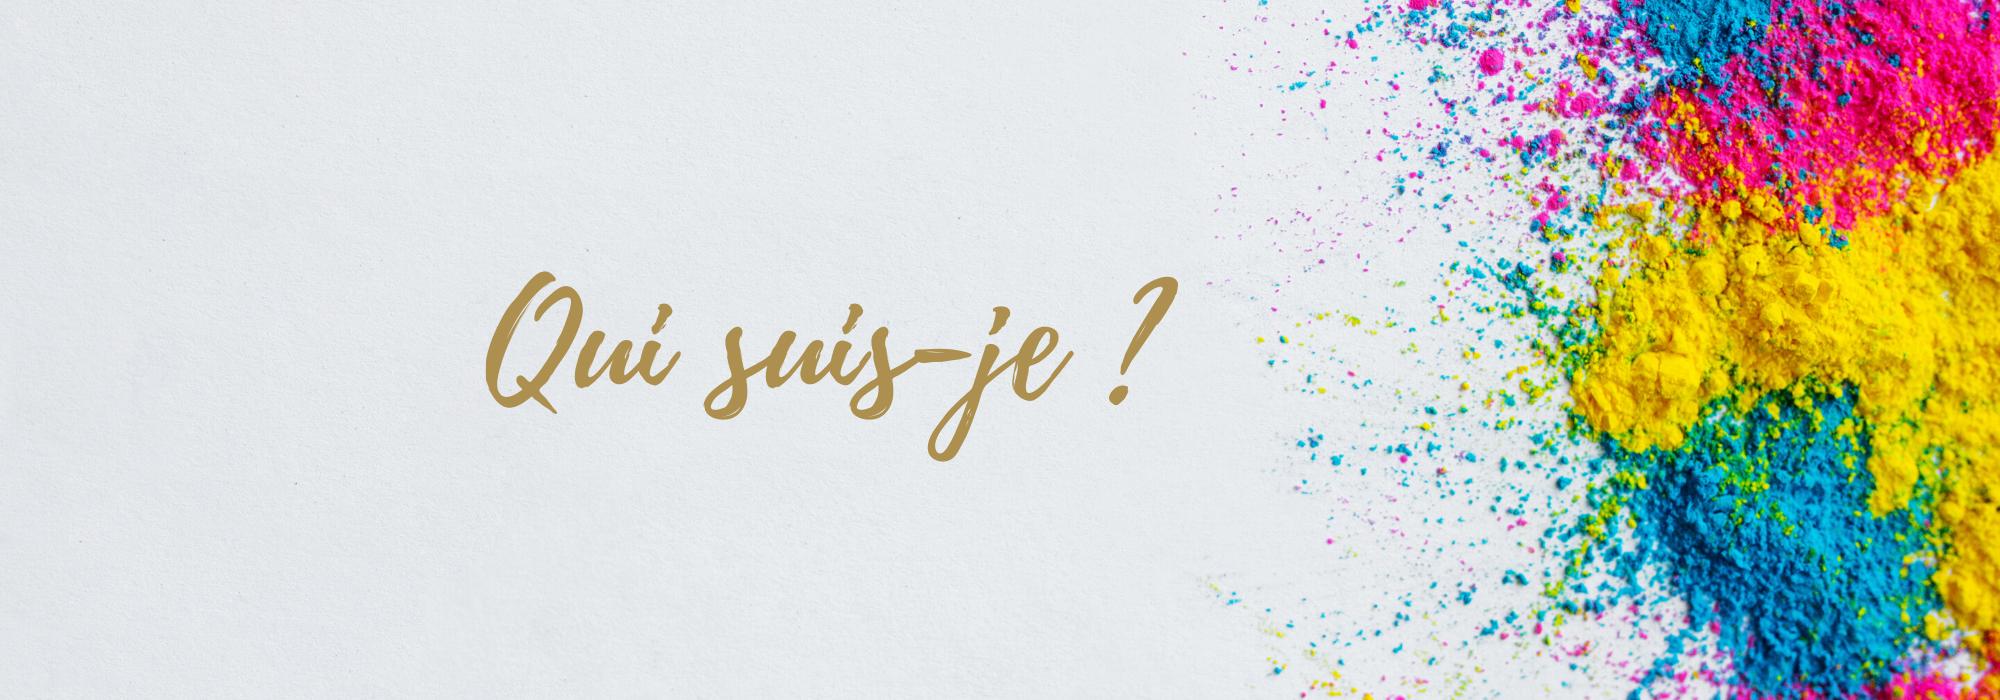 Qui suis-je? Myriam Nony conseil en orientation professionnelle Toulouse